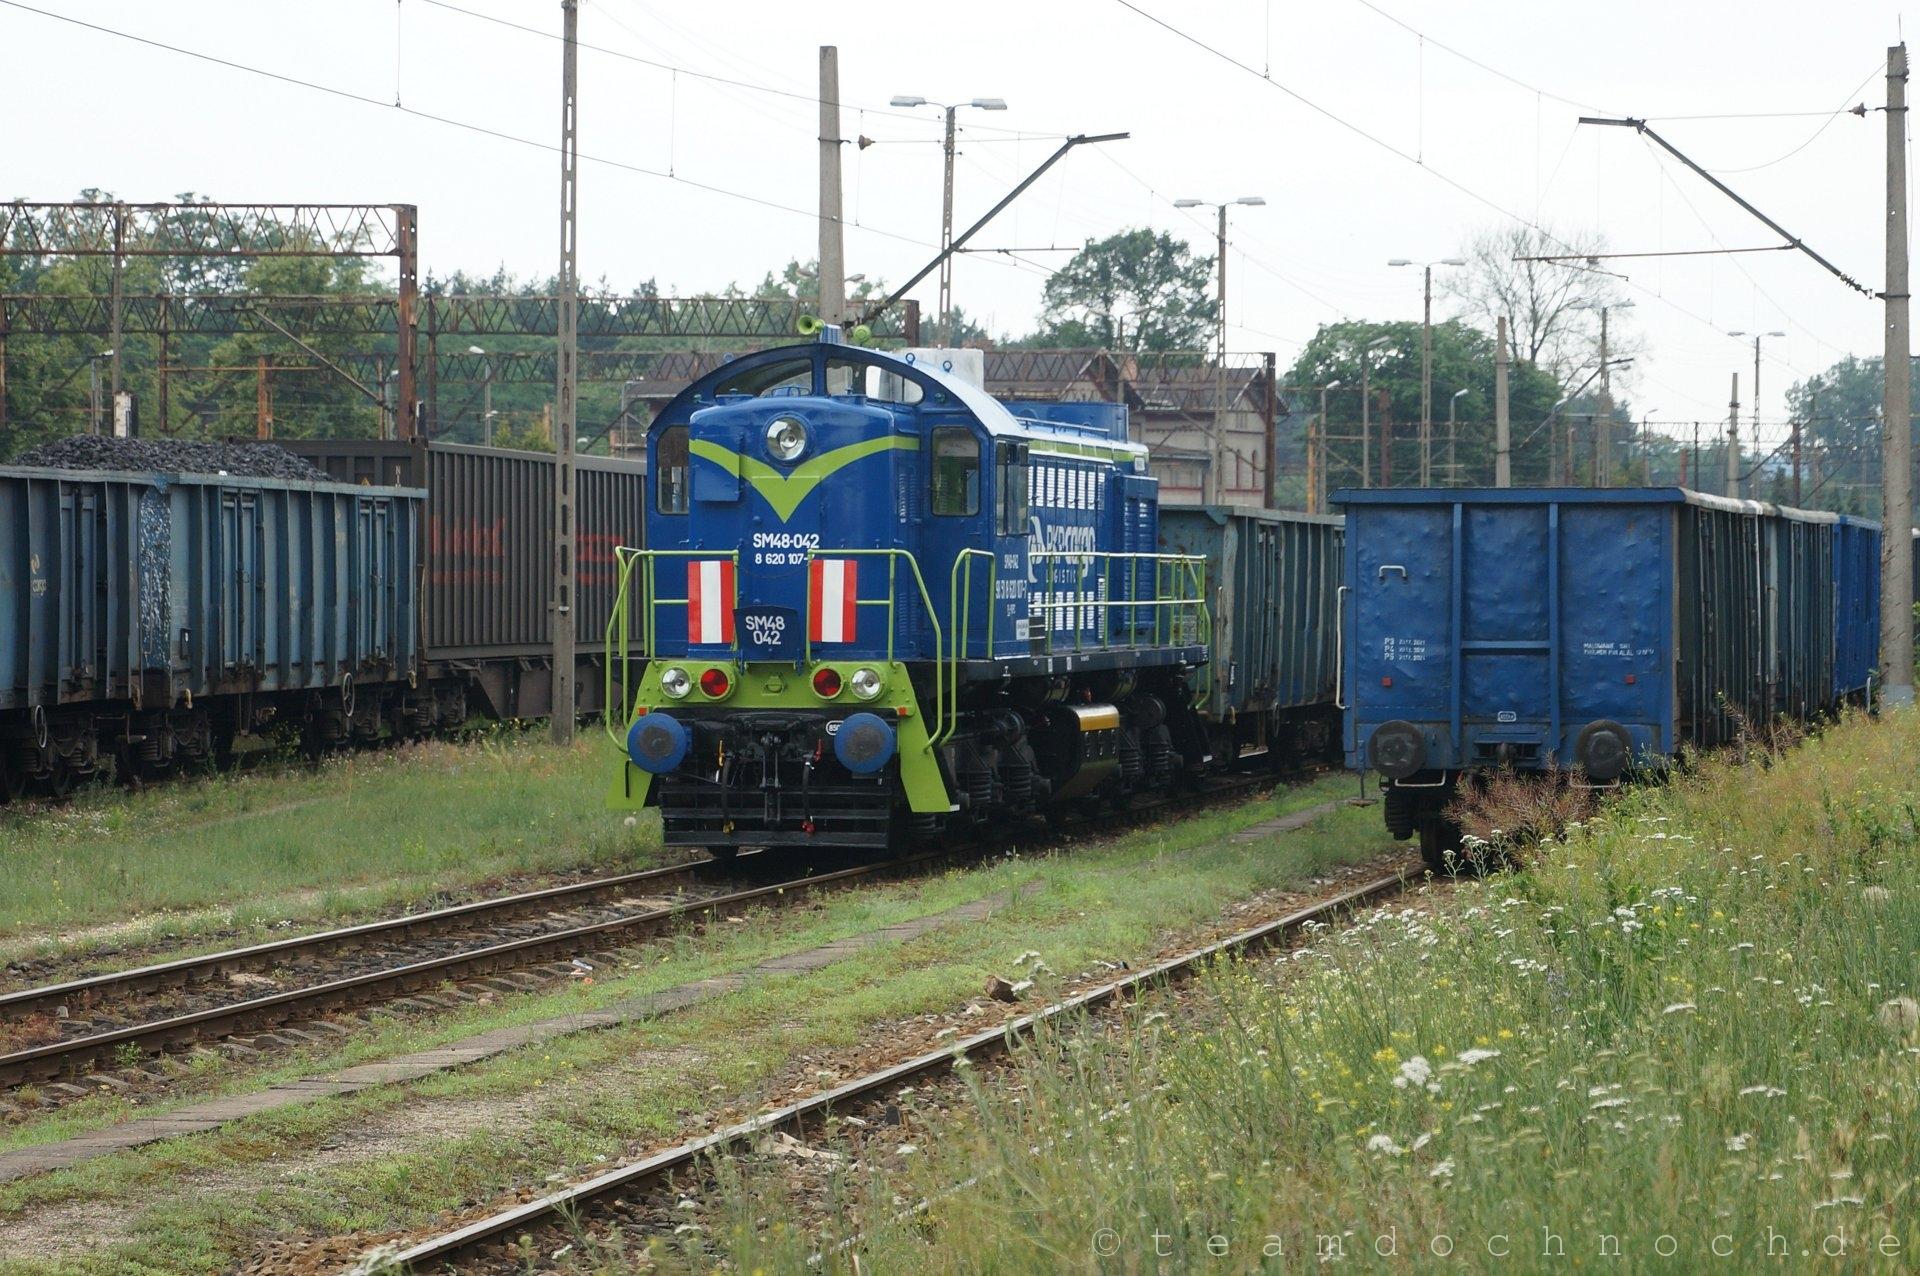 SM48-042 (8 620 107-7) in Czerwieńsk